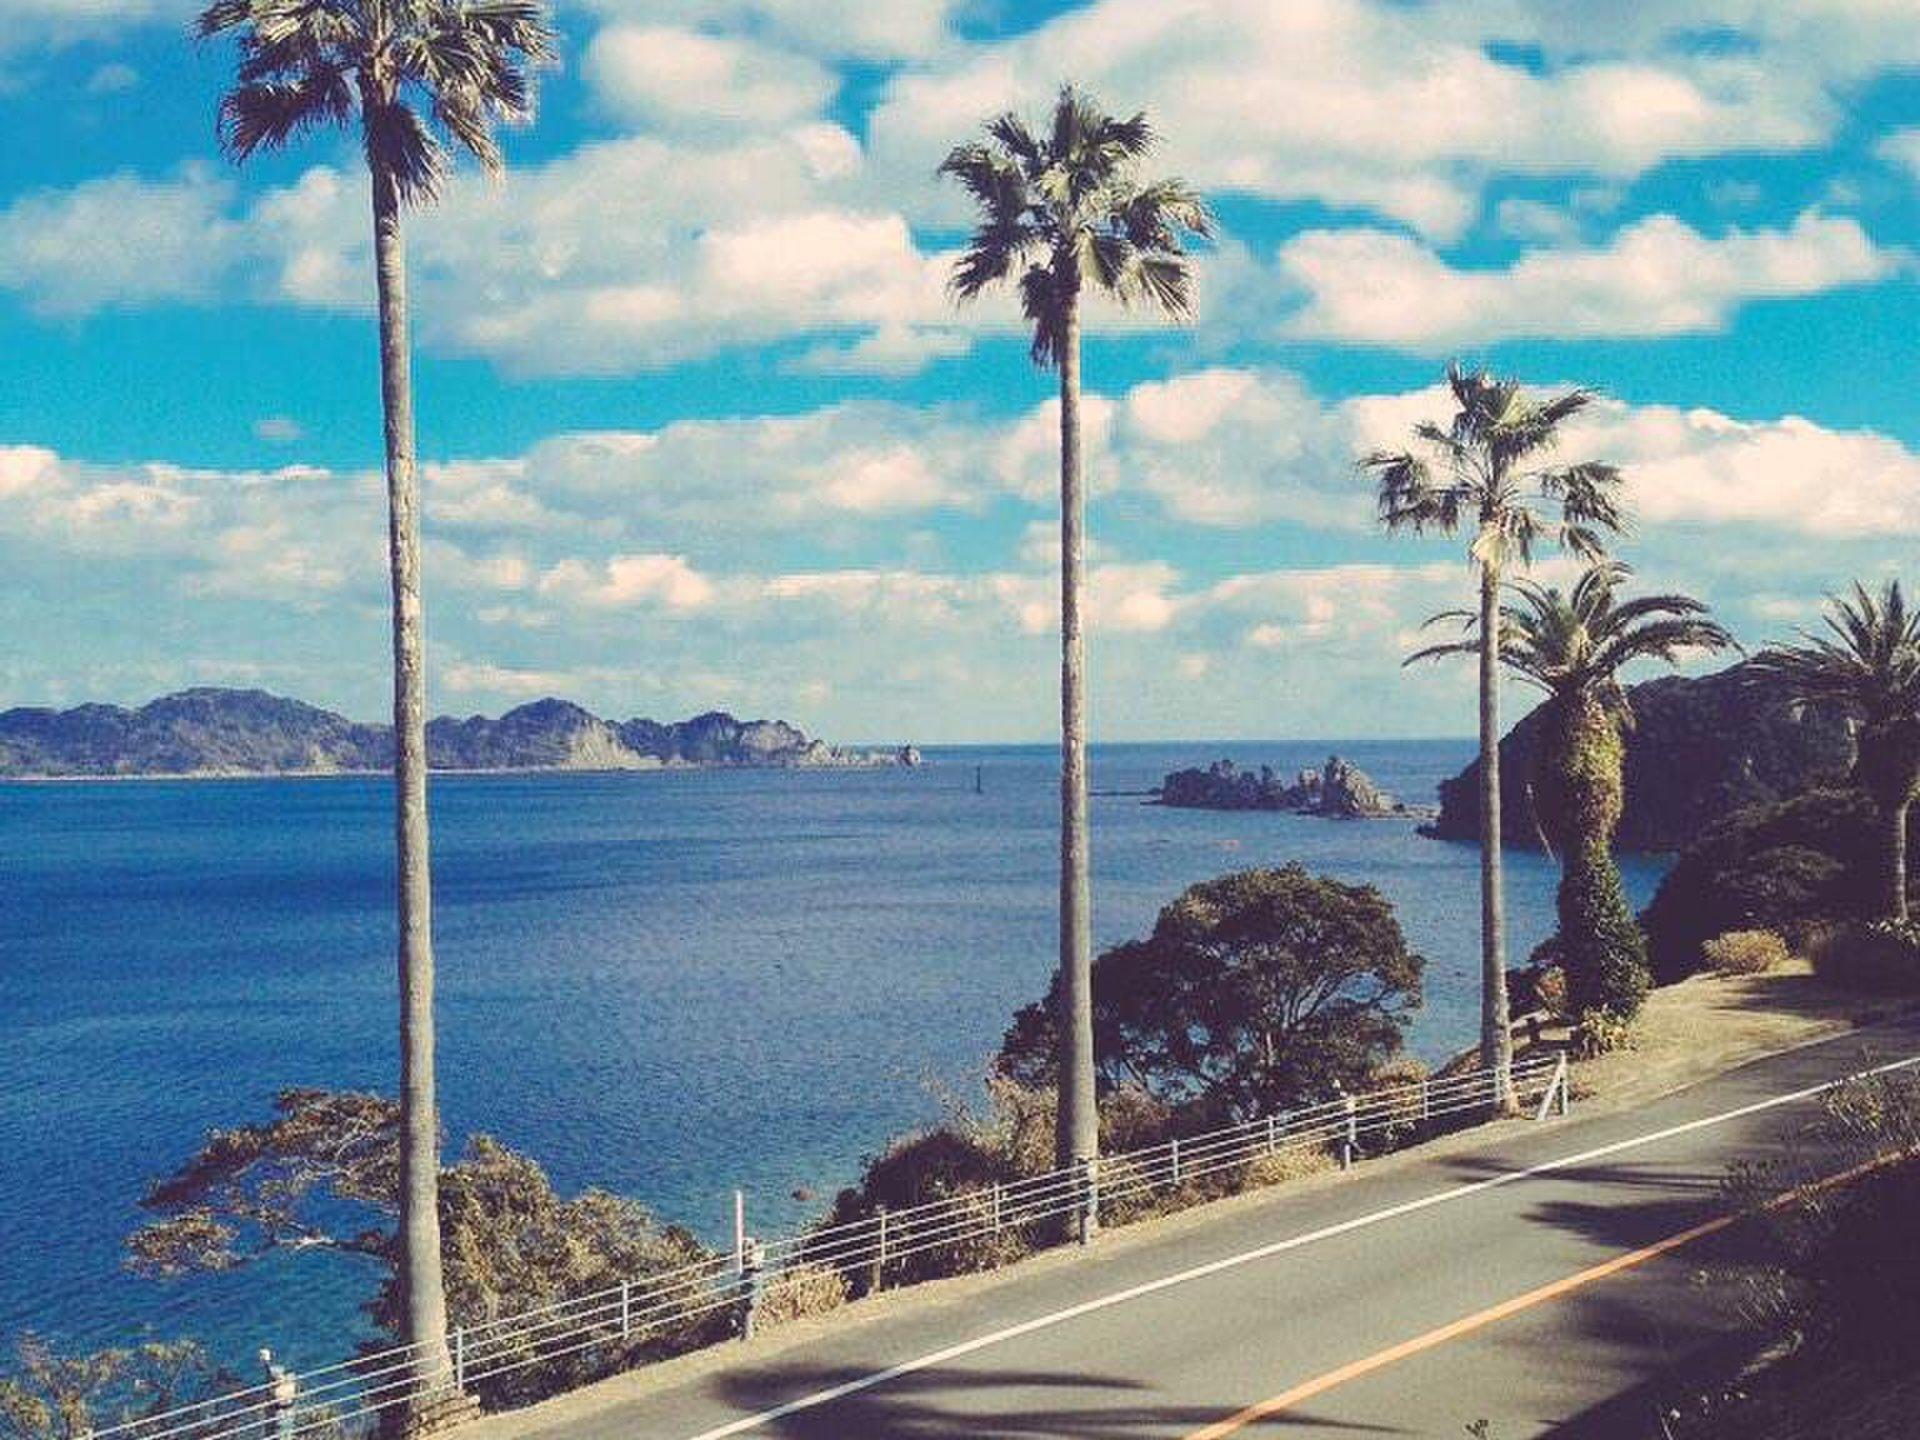 【宮崎観光】宮崎を観光するならレンタカーを借りて海岸沿いをドライブ!!